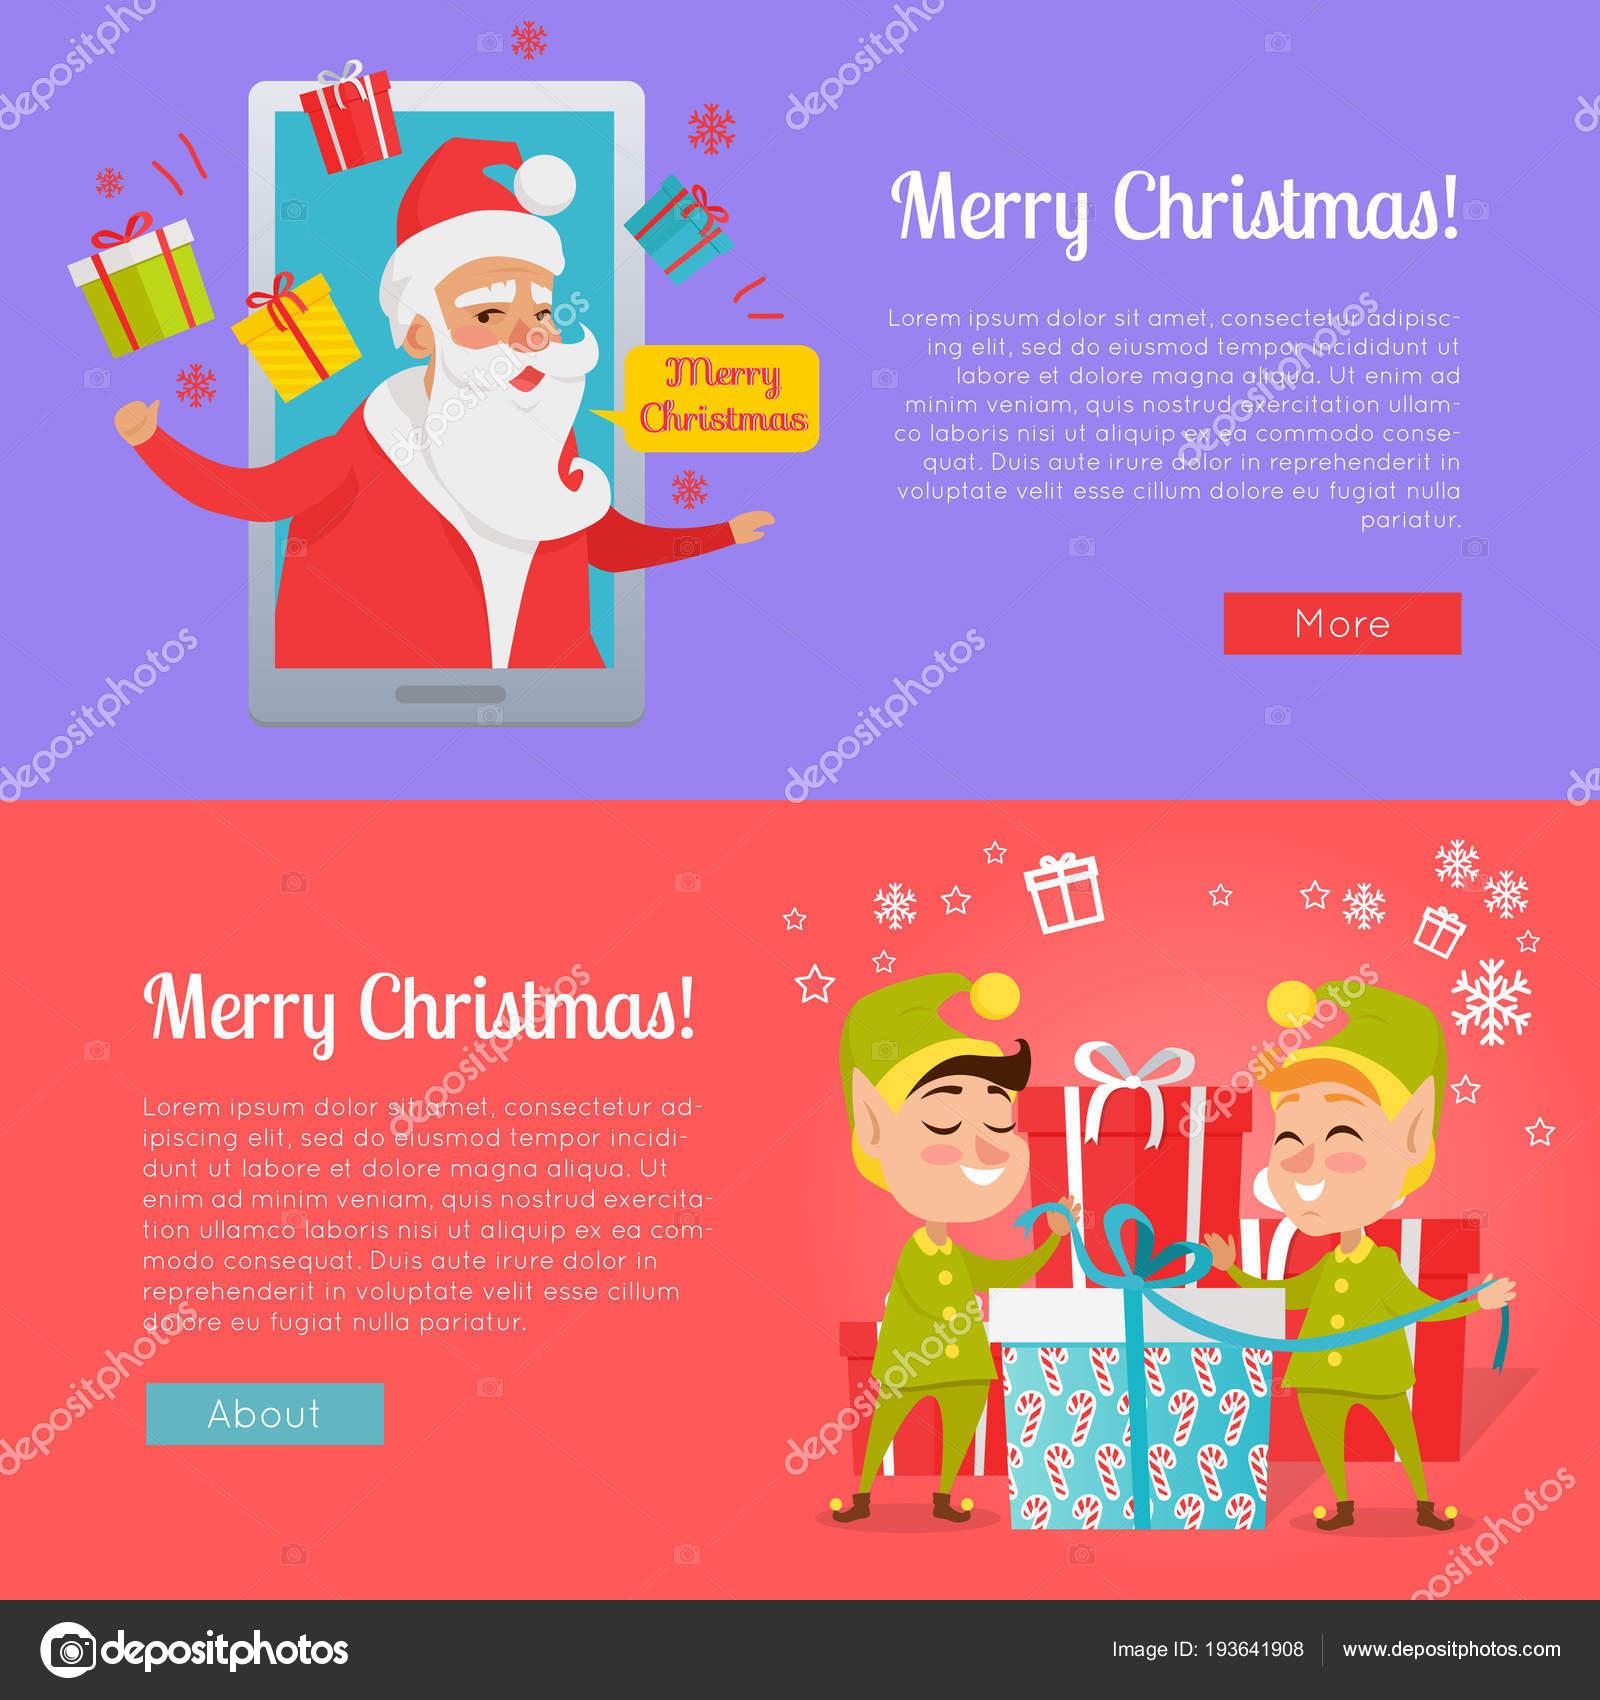 Weihnachtsbilder Verschicken.Plakat Der Bunte Frohe Weihnachtsbilder Stockvektor Robuart